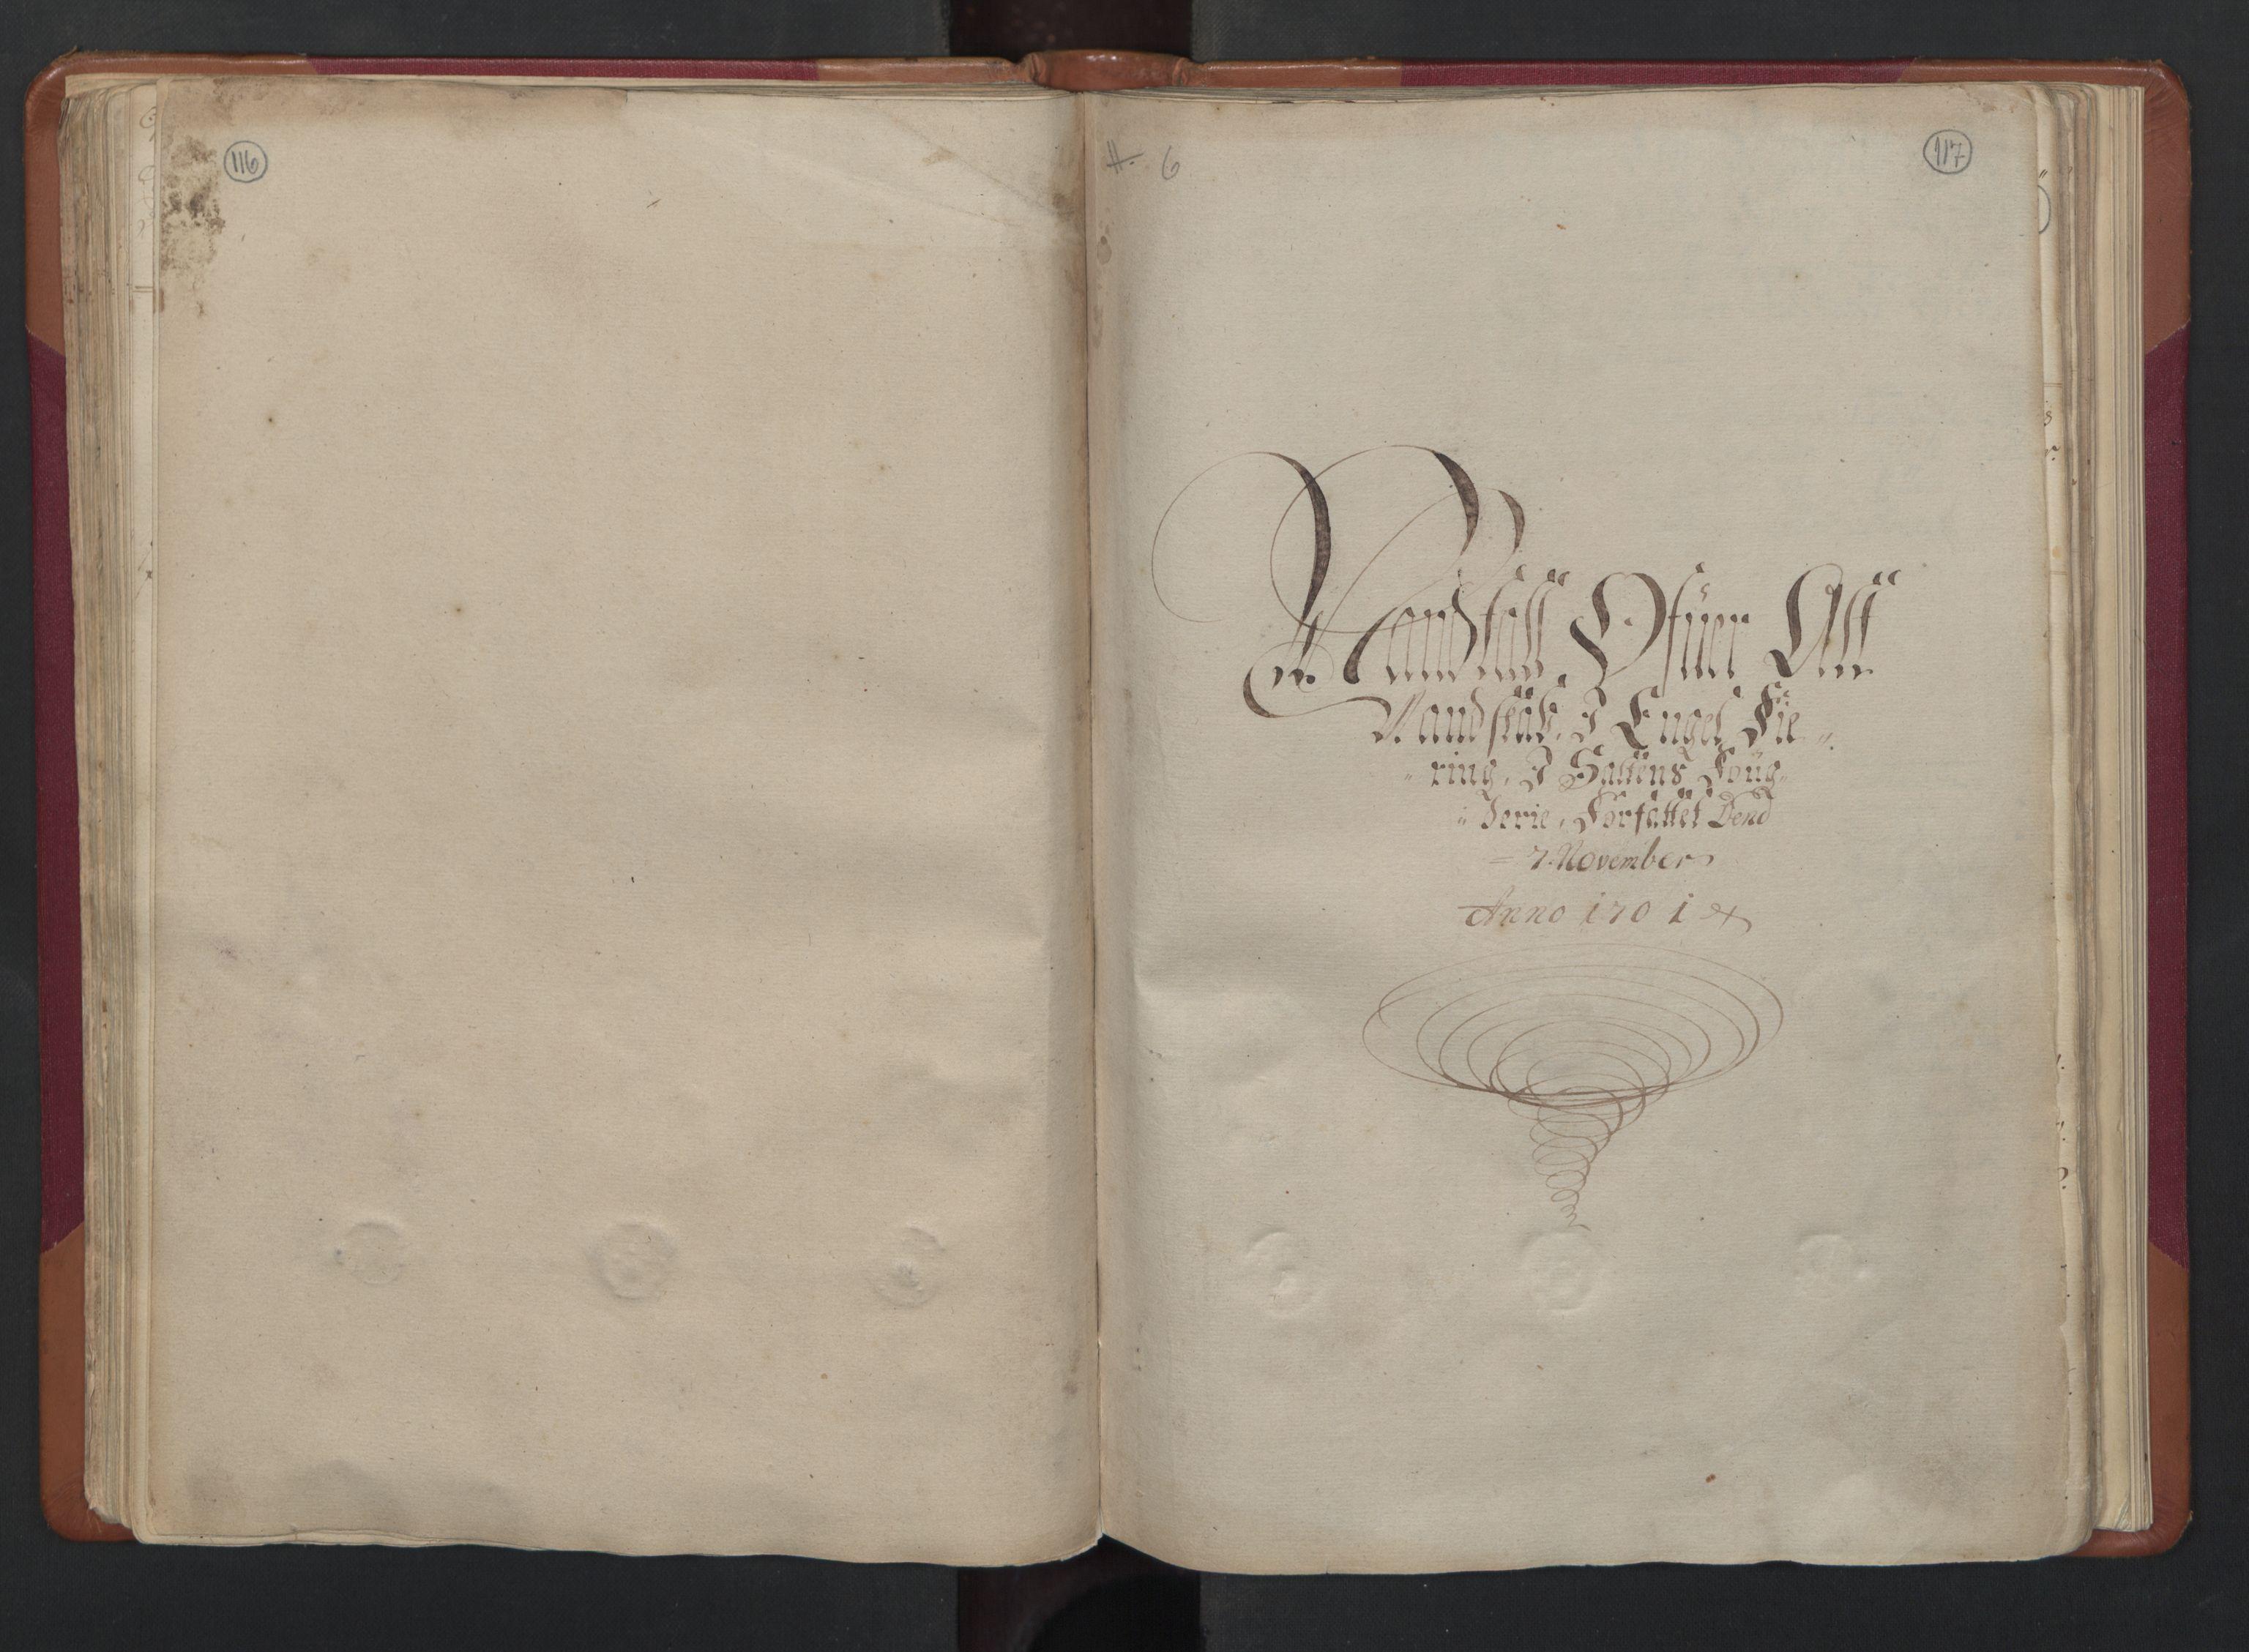 RA, Census (manntall) 1701, no. 17: Salten fogderi, 1701, p. 116-117